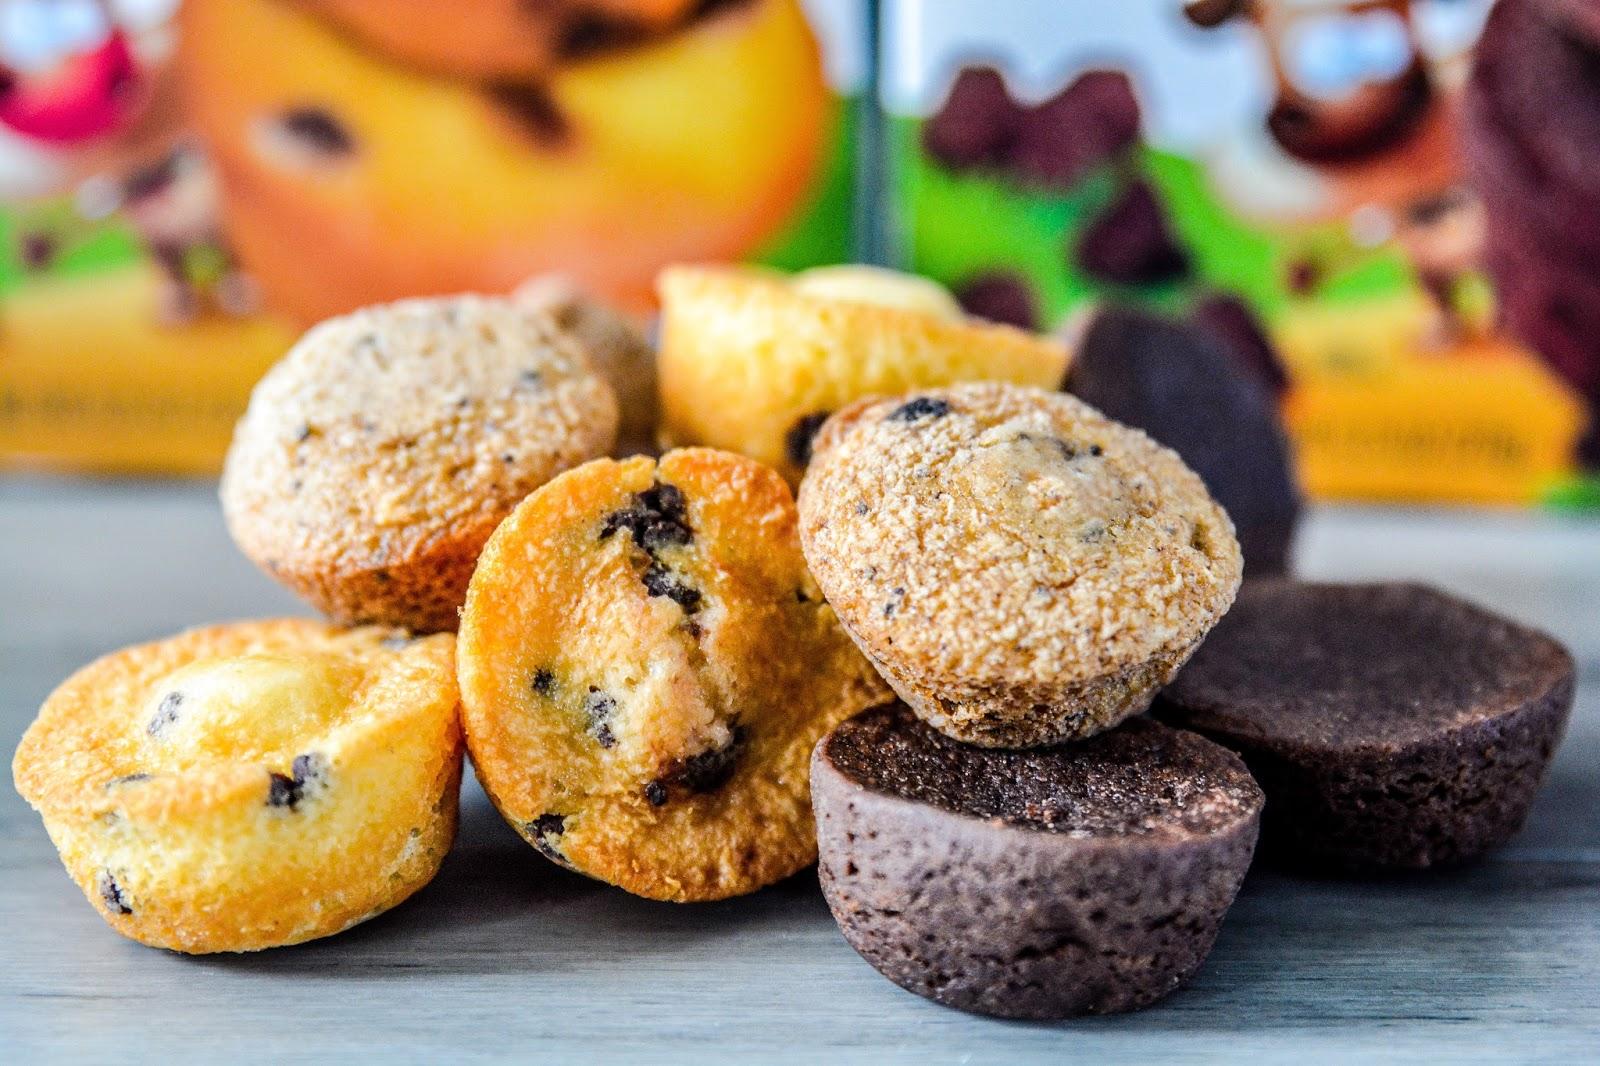 Entenmanns Little Bites Muffins